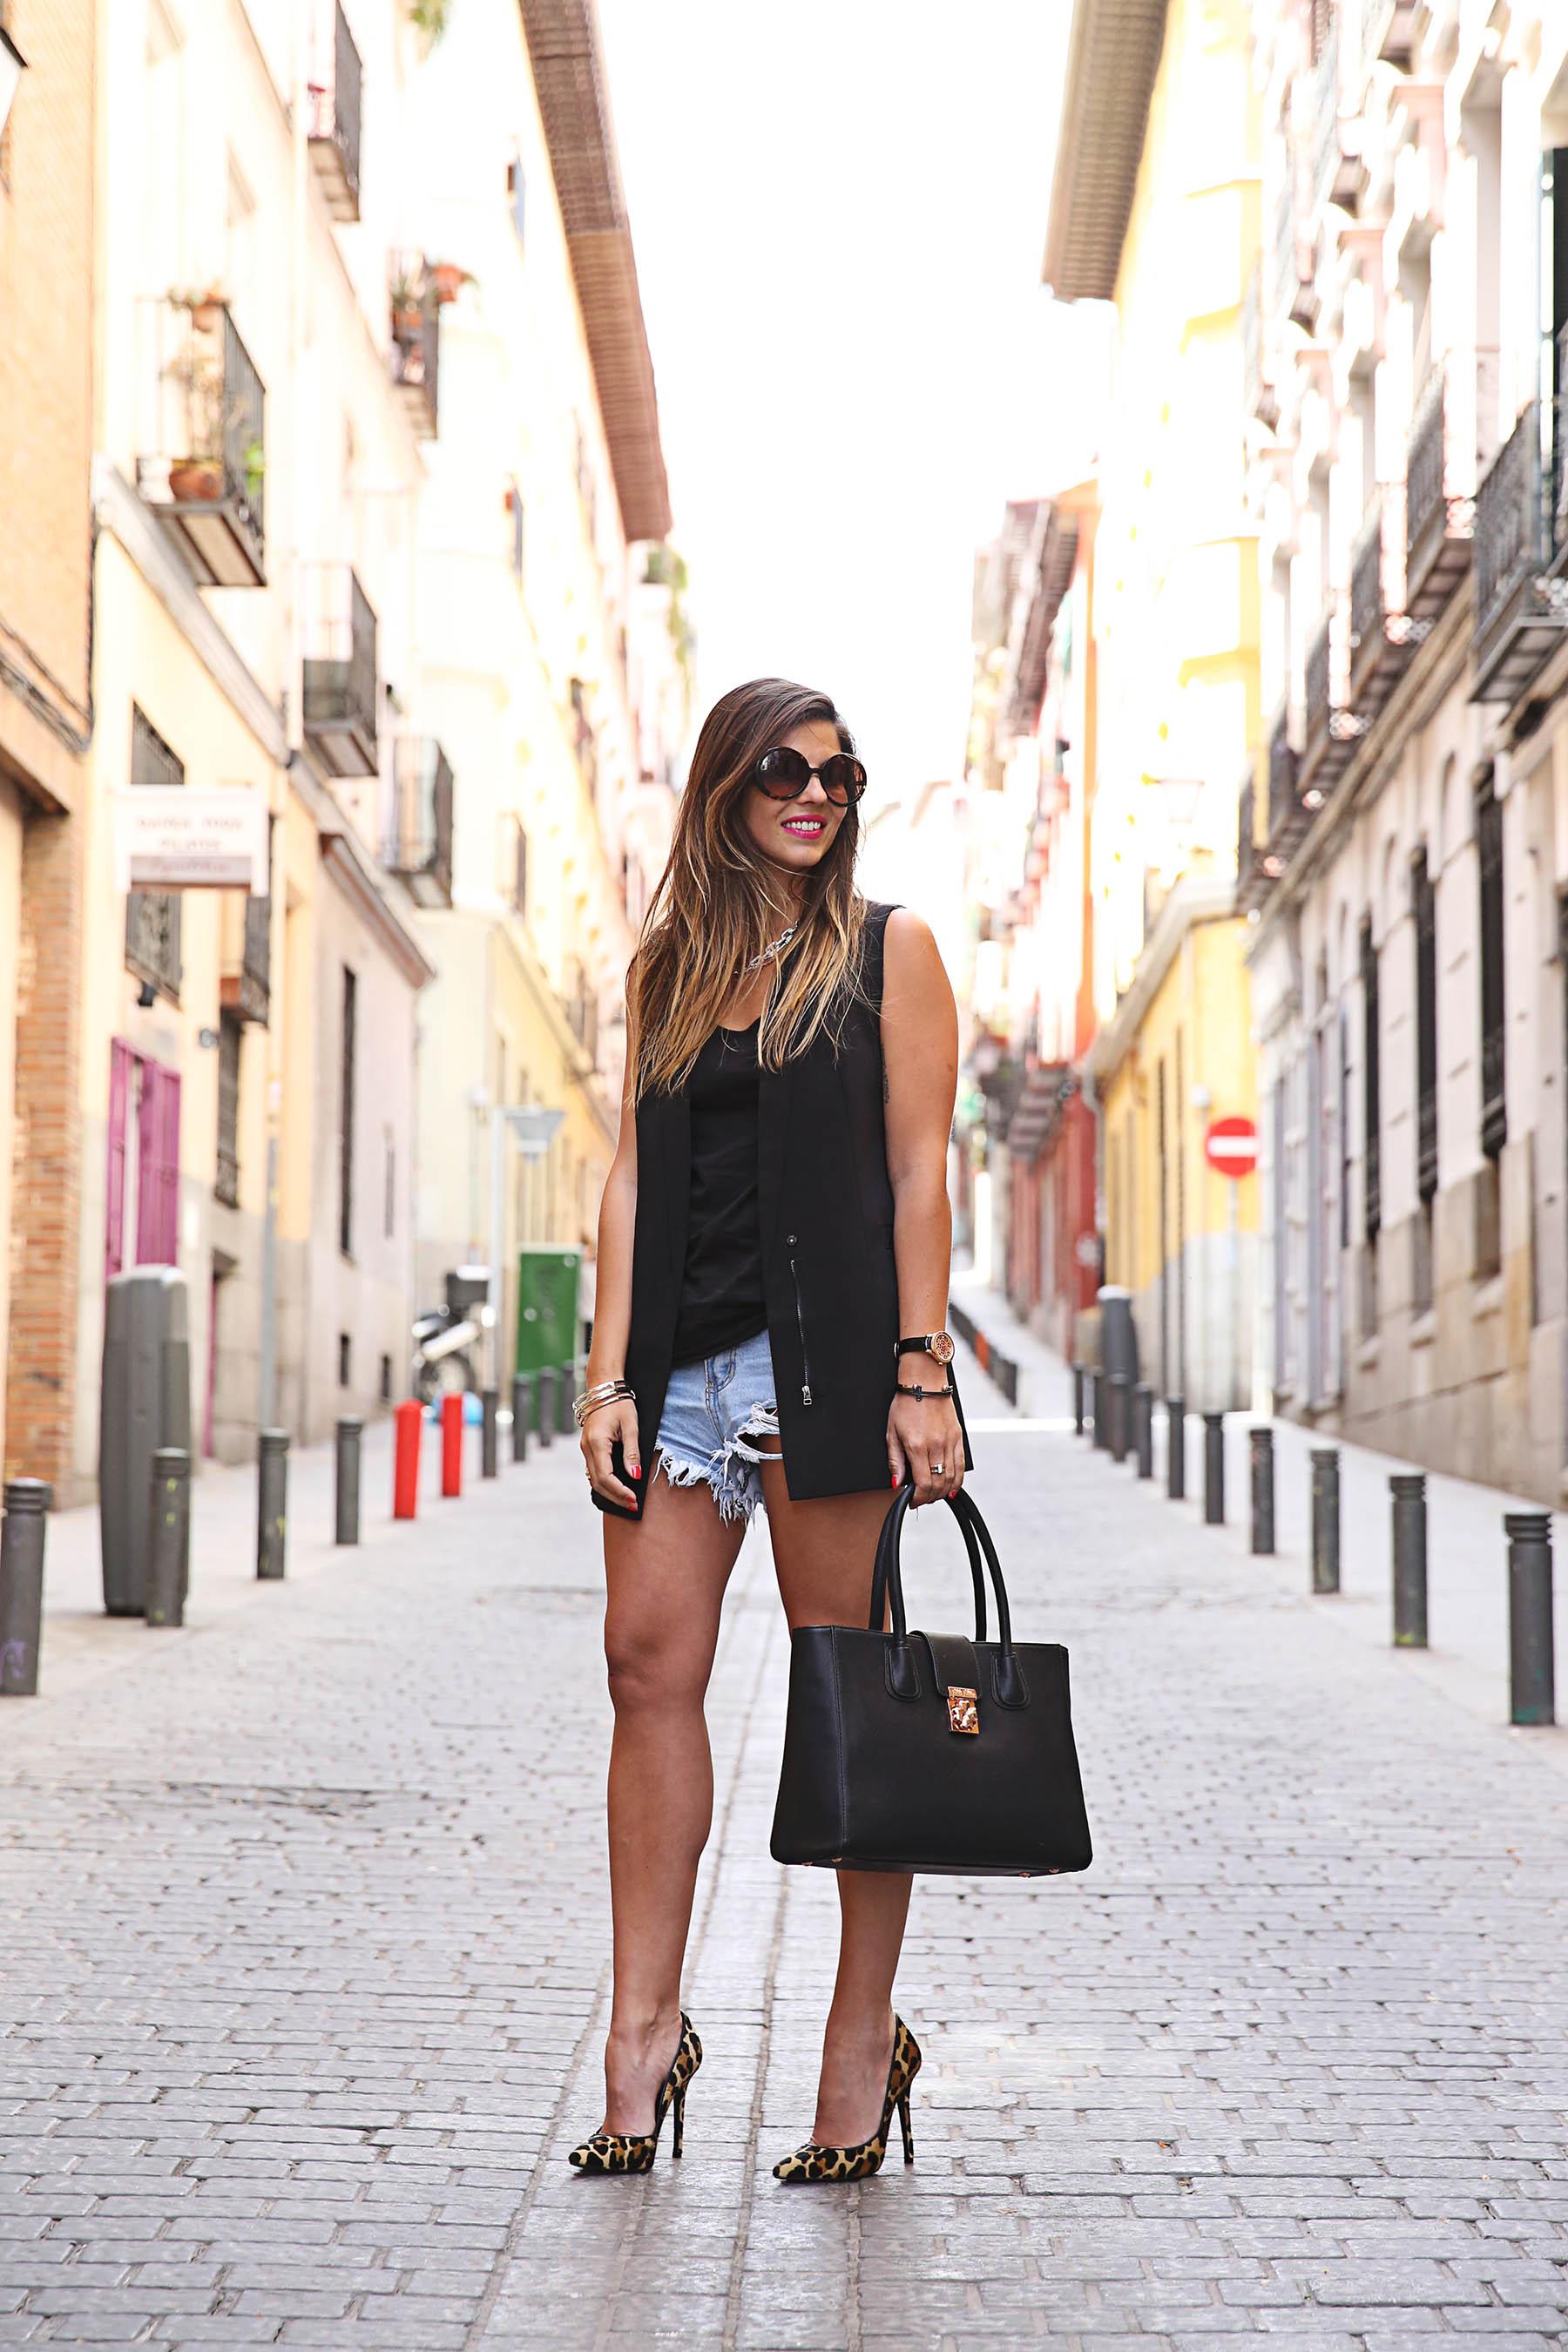 trendy-taste-look-outfit-street-style-ootd-blog-blogger-fashion-spain-moda-españa-leo-print-estiletos-mas34-leather-bag-denim-shorts-vaqueros-rotos-2